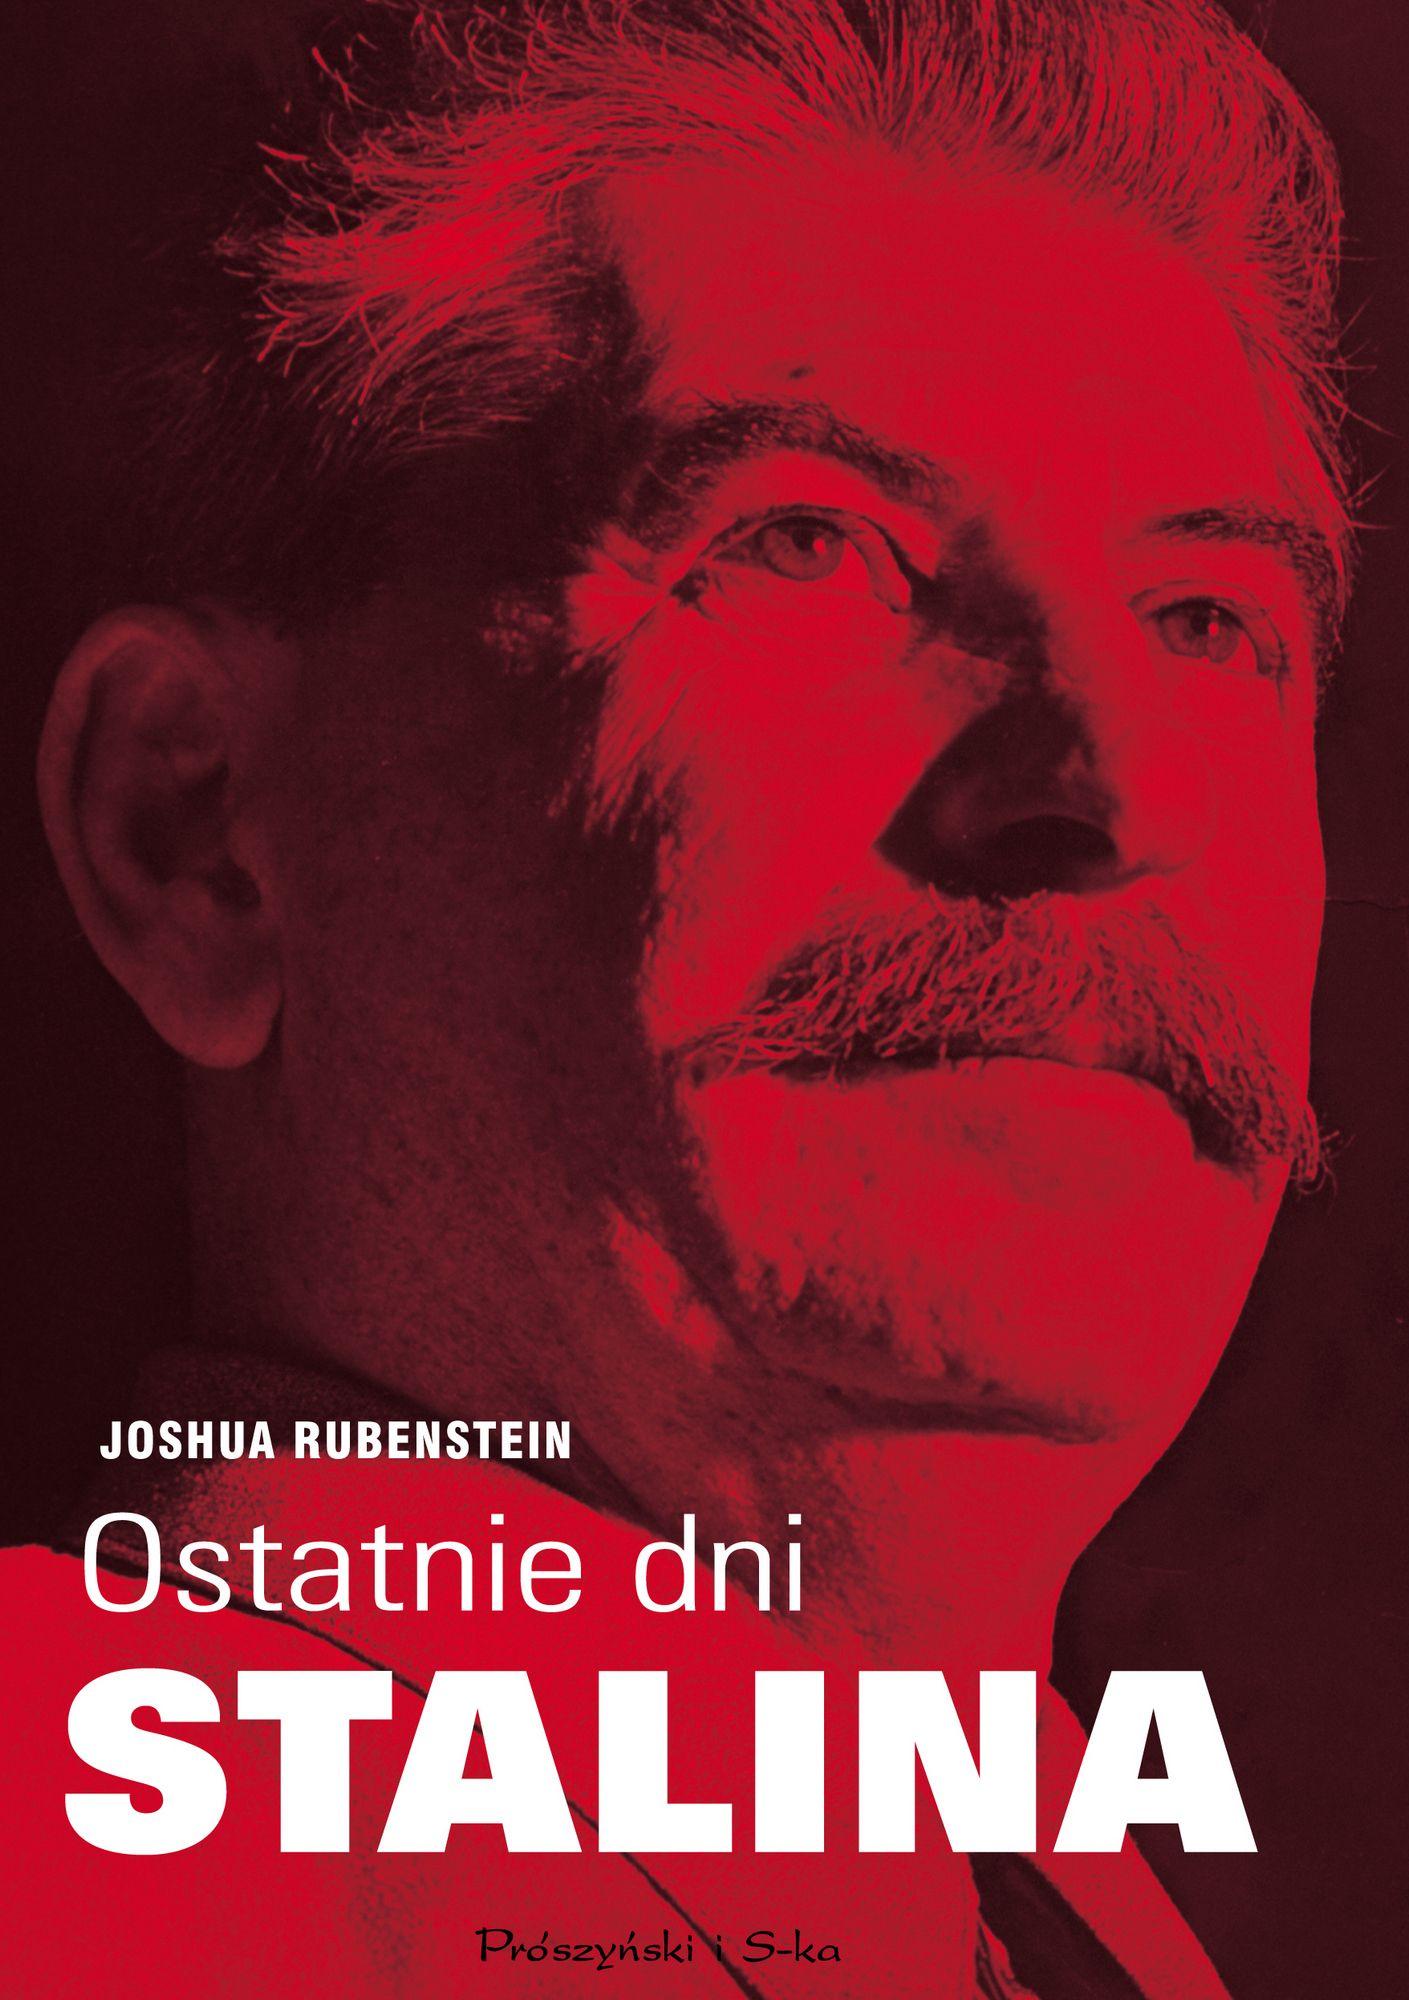 Artykuł został zainspirowany książką Joshua Rubensteina Ostatnie dni Stalina, opowiadającą o ostatnich miesiącach dyktatora.